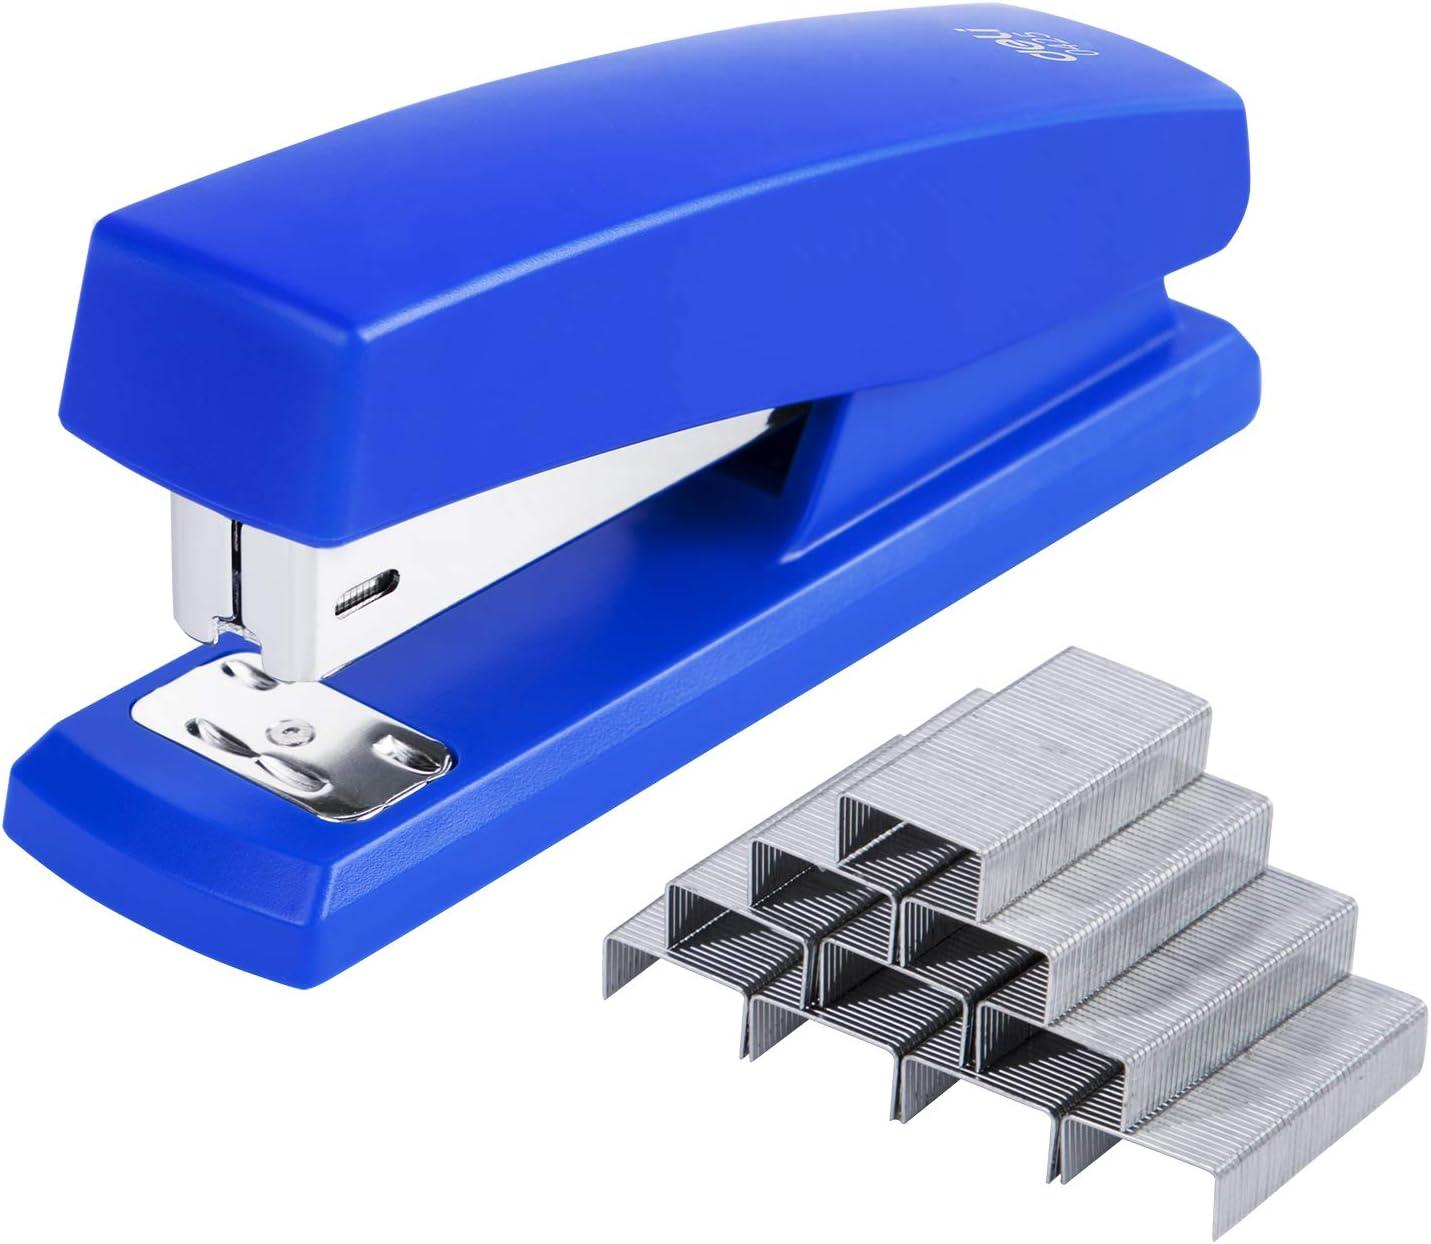 Desktop Staplers with 640 Staples 25 Sheet Capacity Office Stapler Blue Deli Stapler